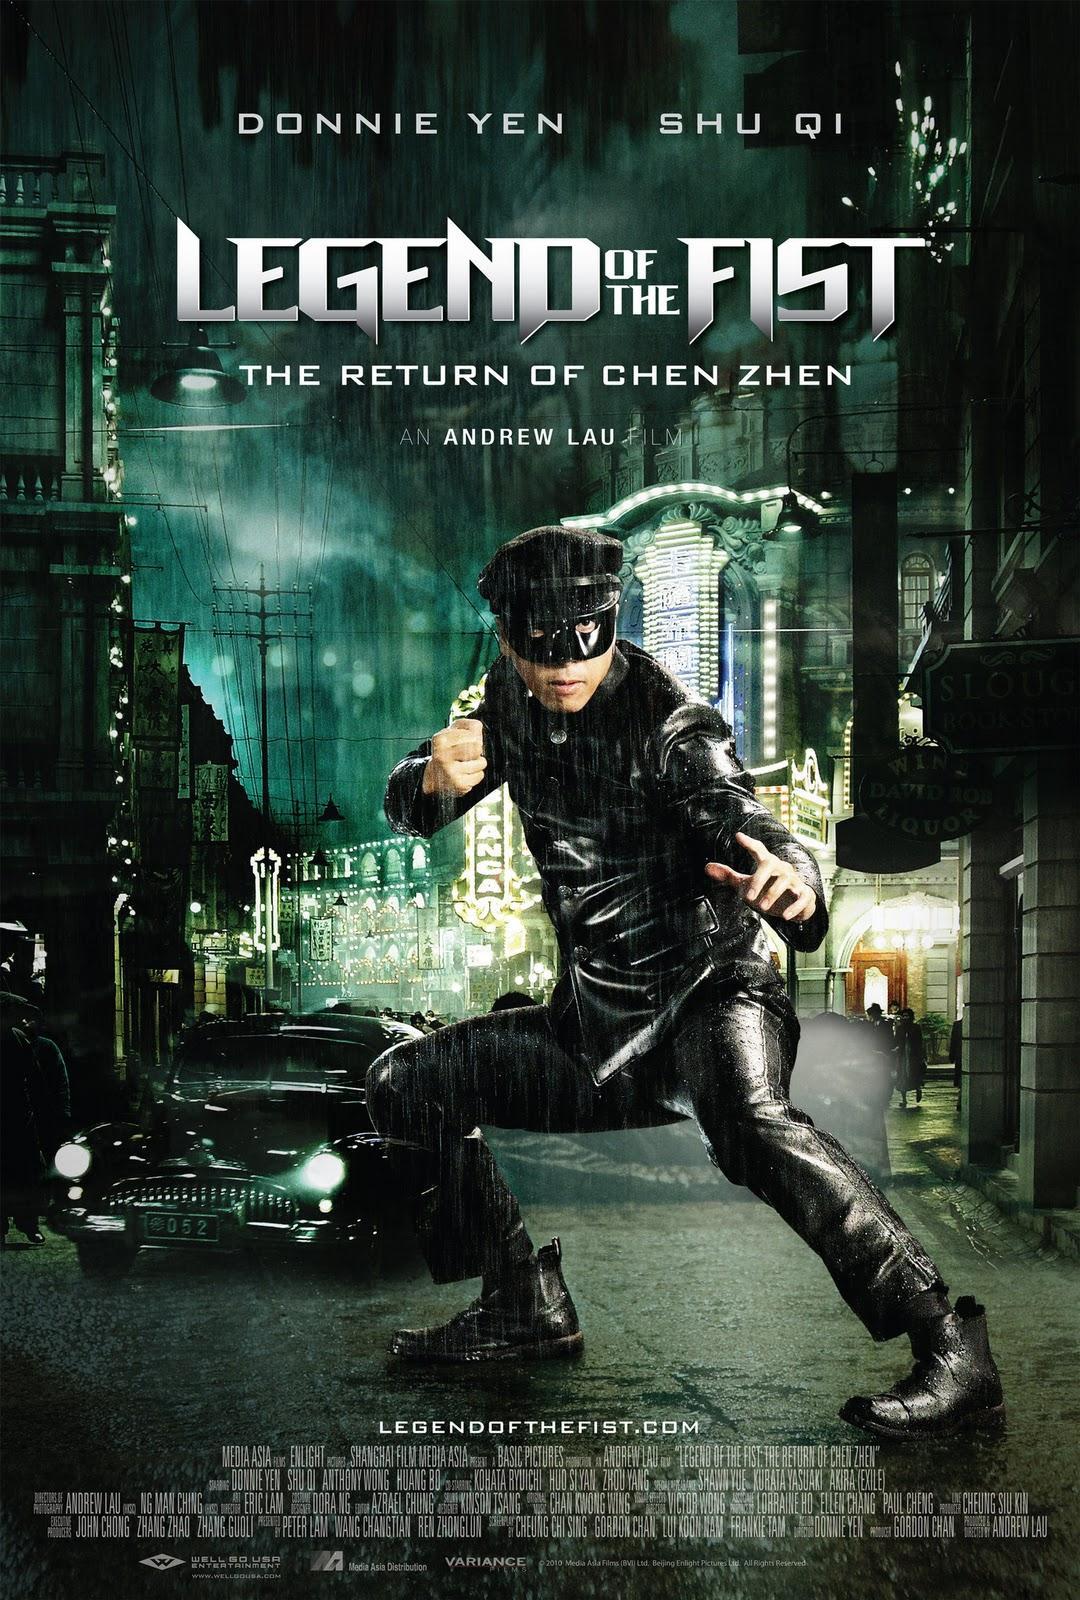 http://3.bp.blogspot.com/-5xnJyI6c0XU/Tw4PR-MR5QI/AAAAAAAAE6o/PsTY1YCx79c/s1600/Legend_of_the_Fist-_The_Return_of_Chen_Zhen_poster.jpg